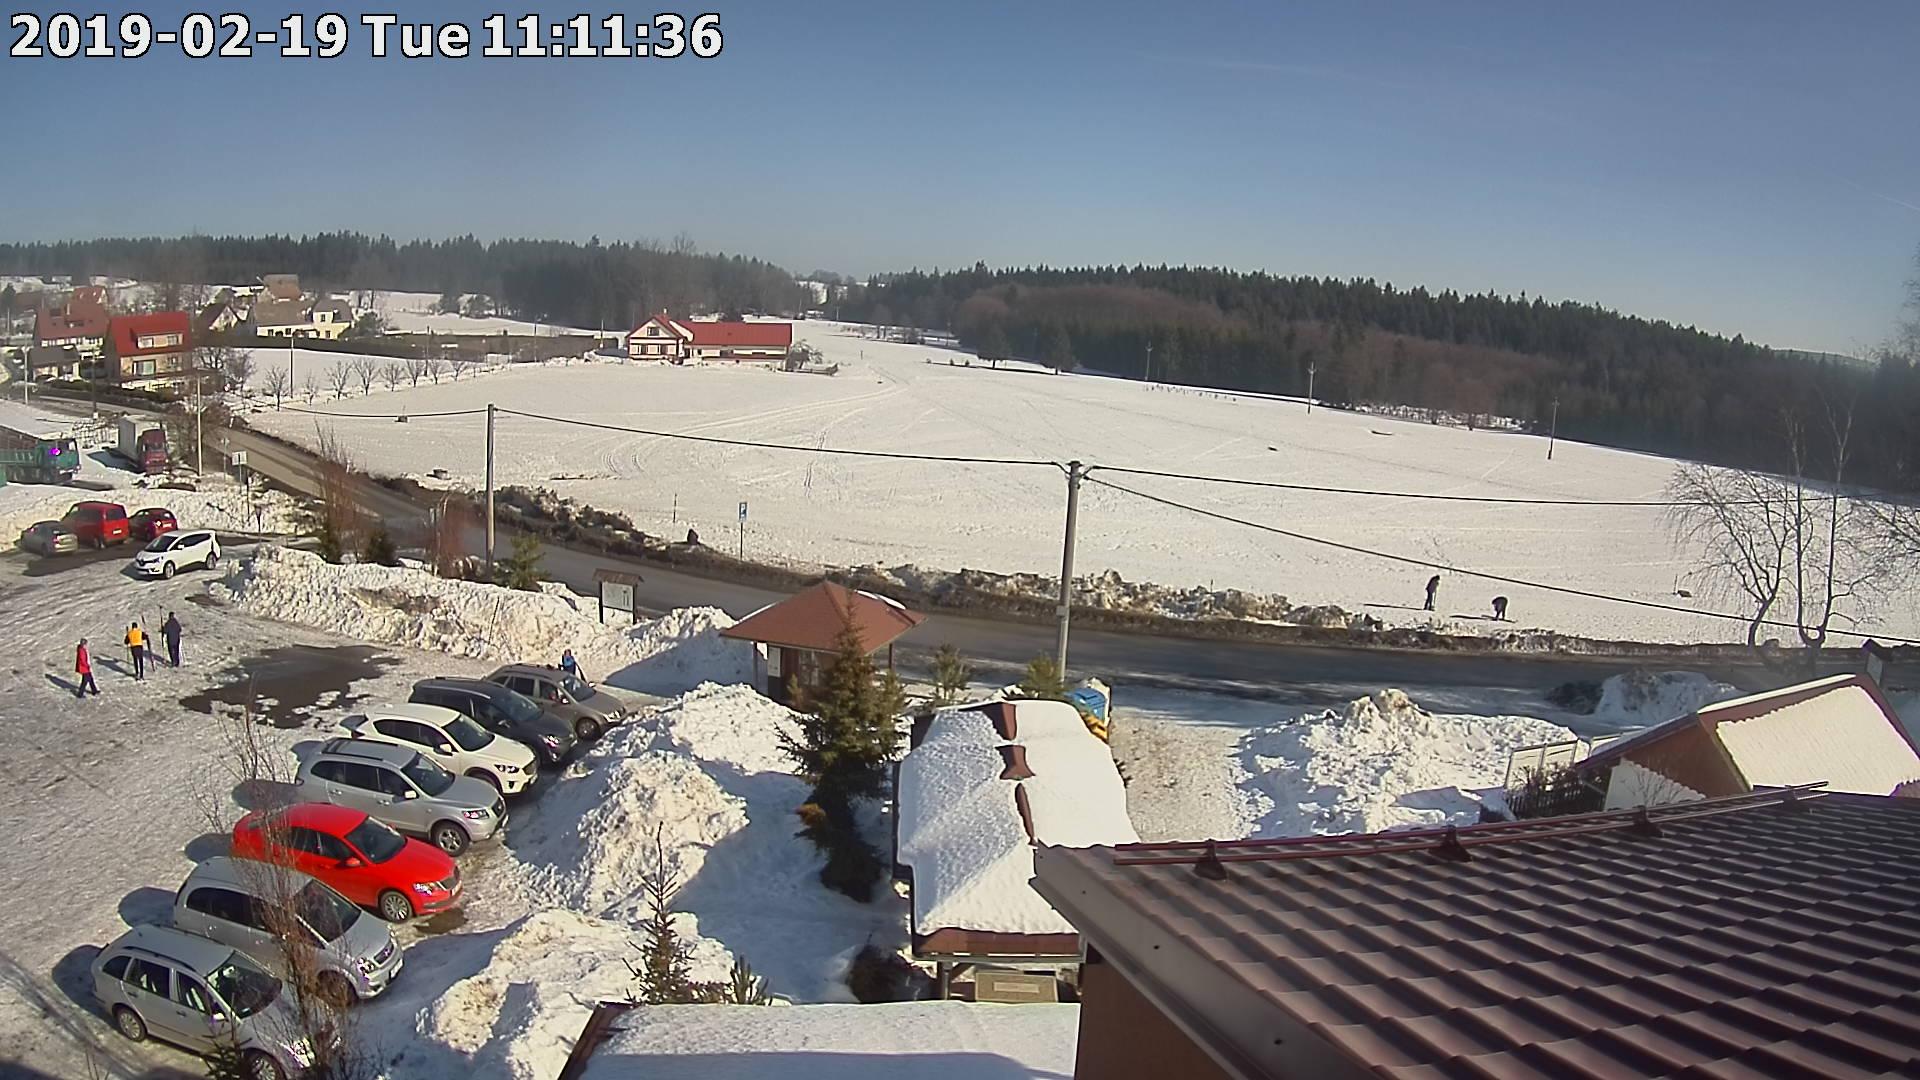 Webkamera ze dne 2019-02-19